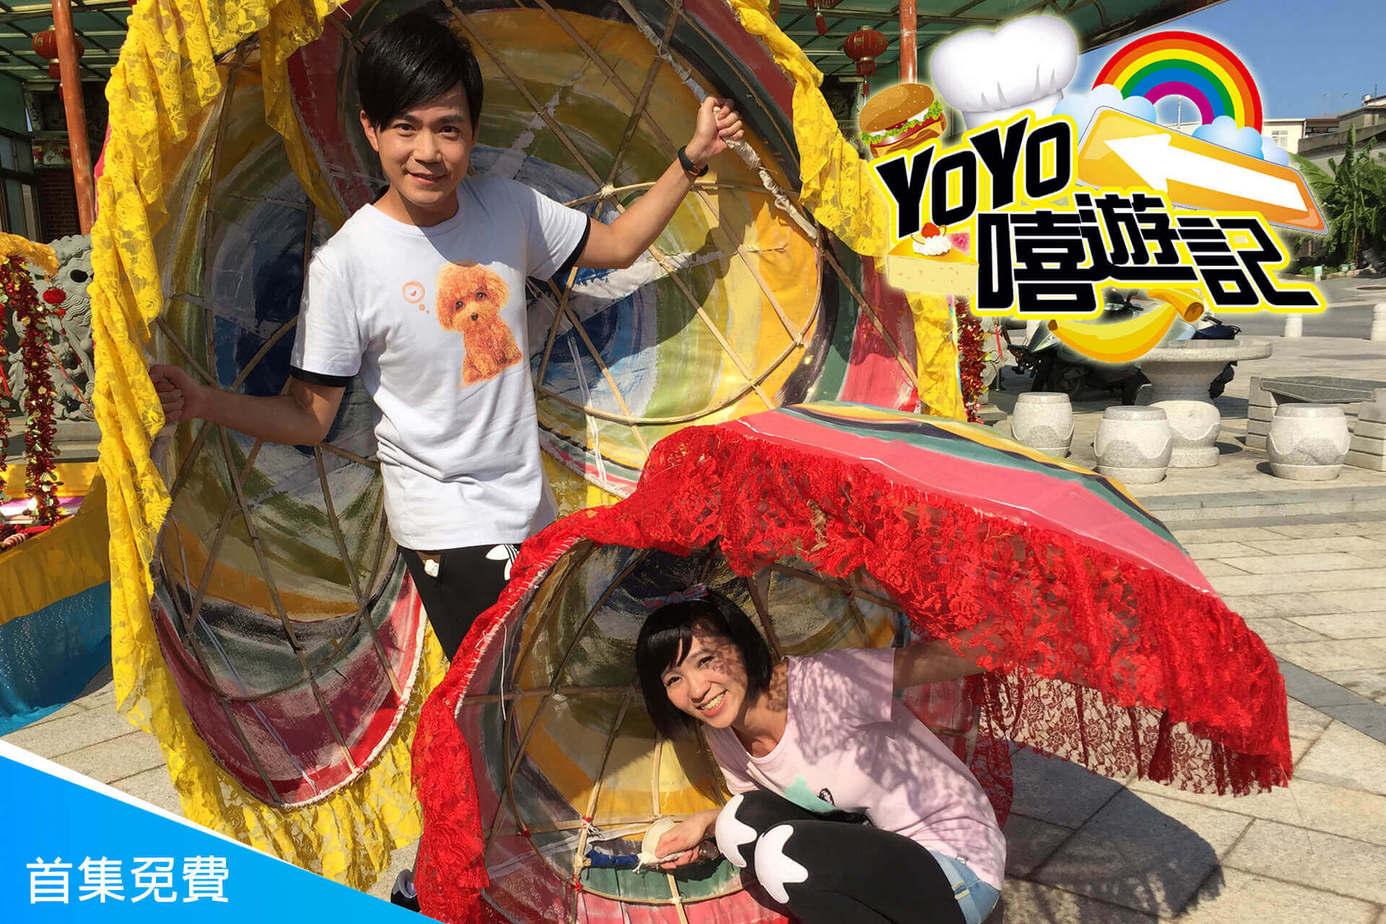 YOYO嘻遊記第13季